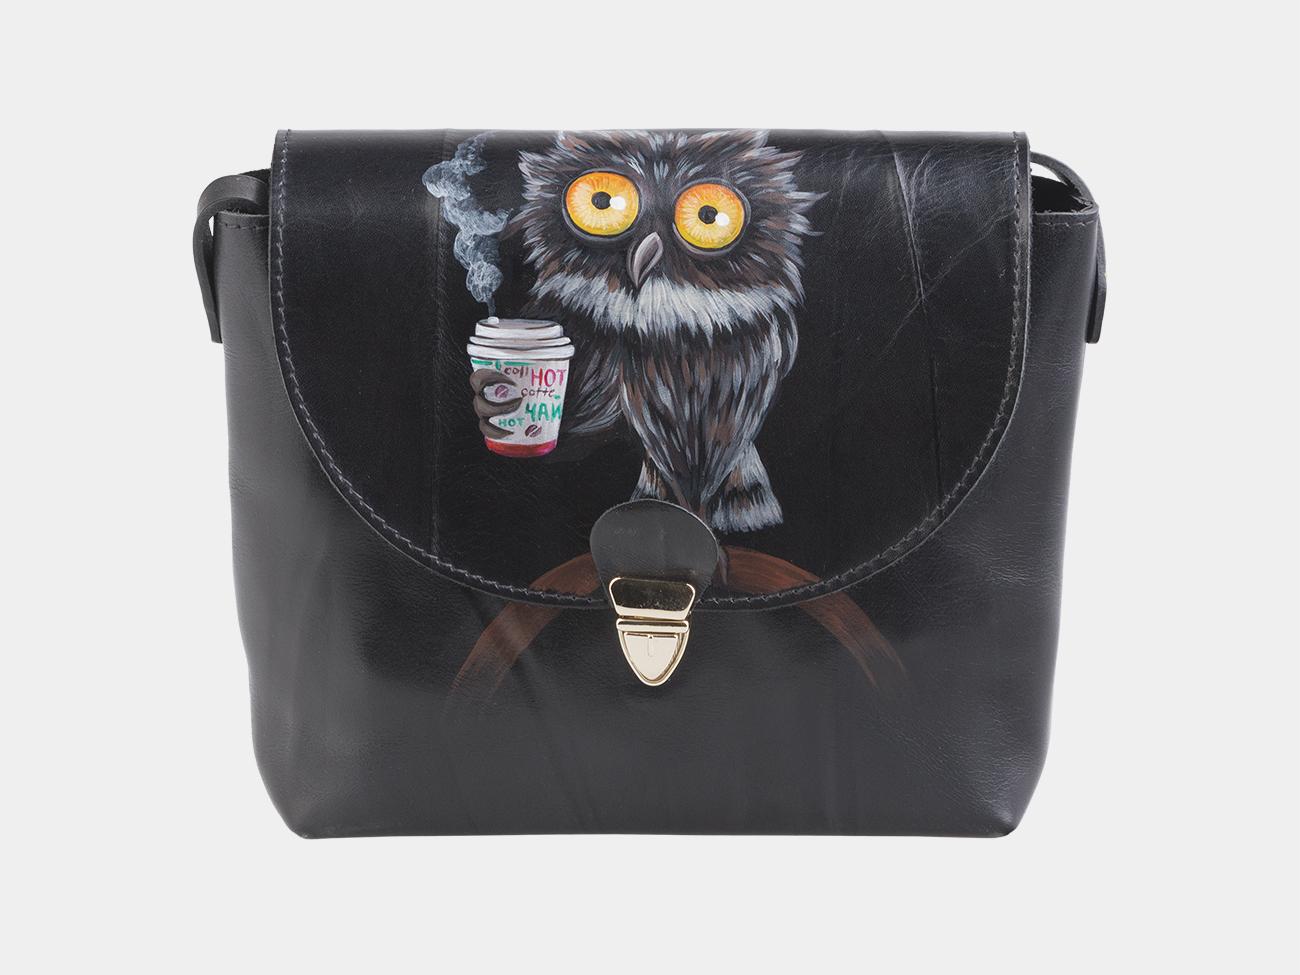 069d66b060ed Клатч Кубби «Утренняя сова» | Интернет-магазин кожаных сумок и ...